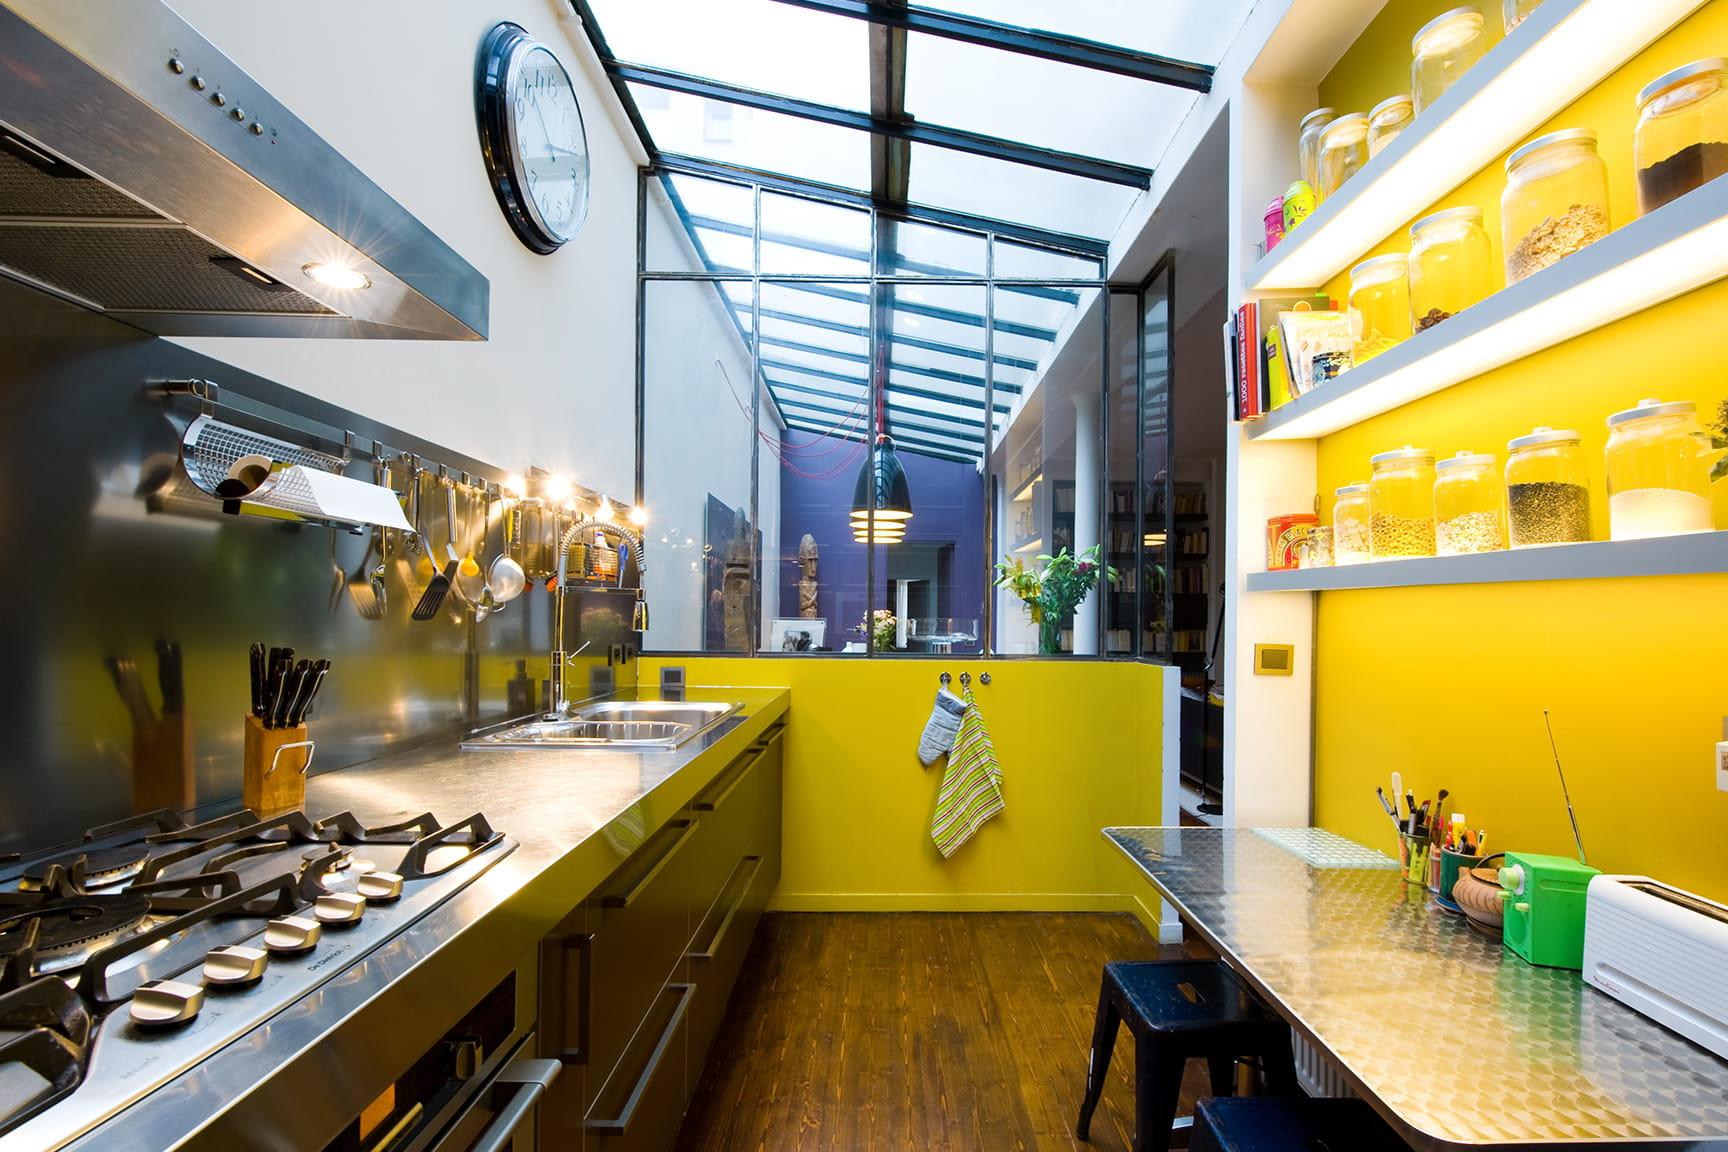 Des cuisines avec verri re qui en jettent - Cuisine avec verriere ...